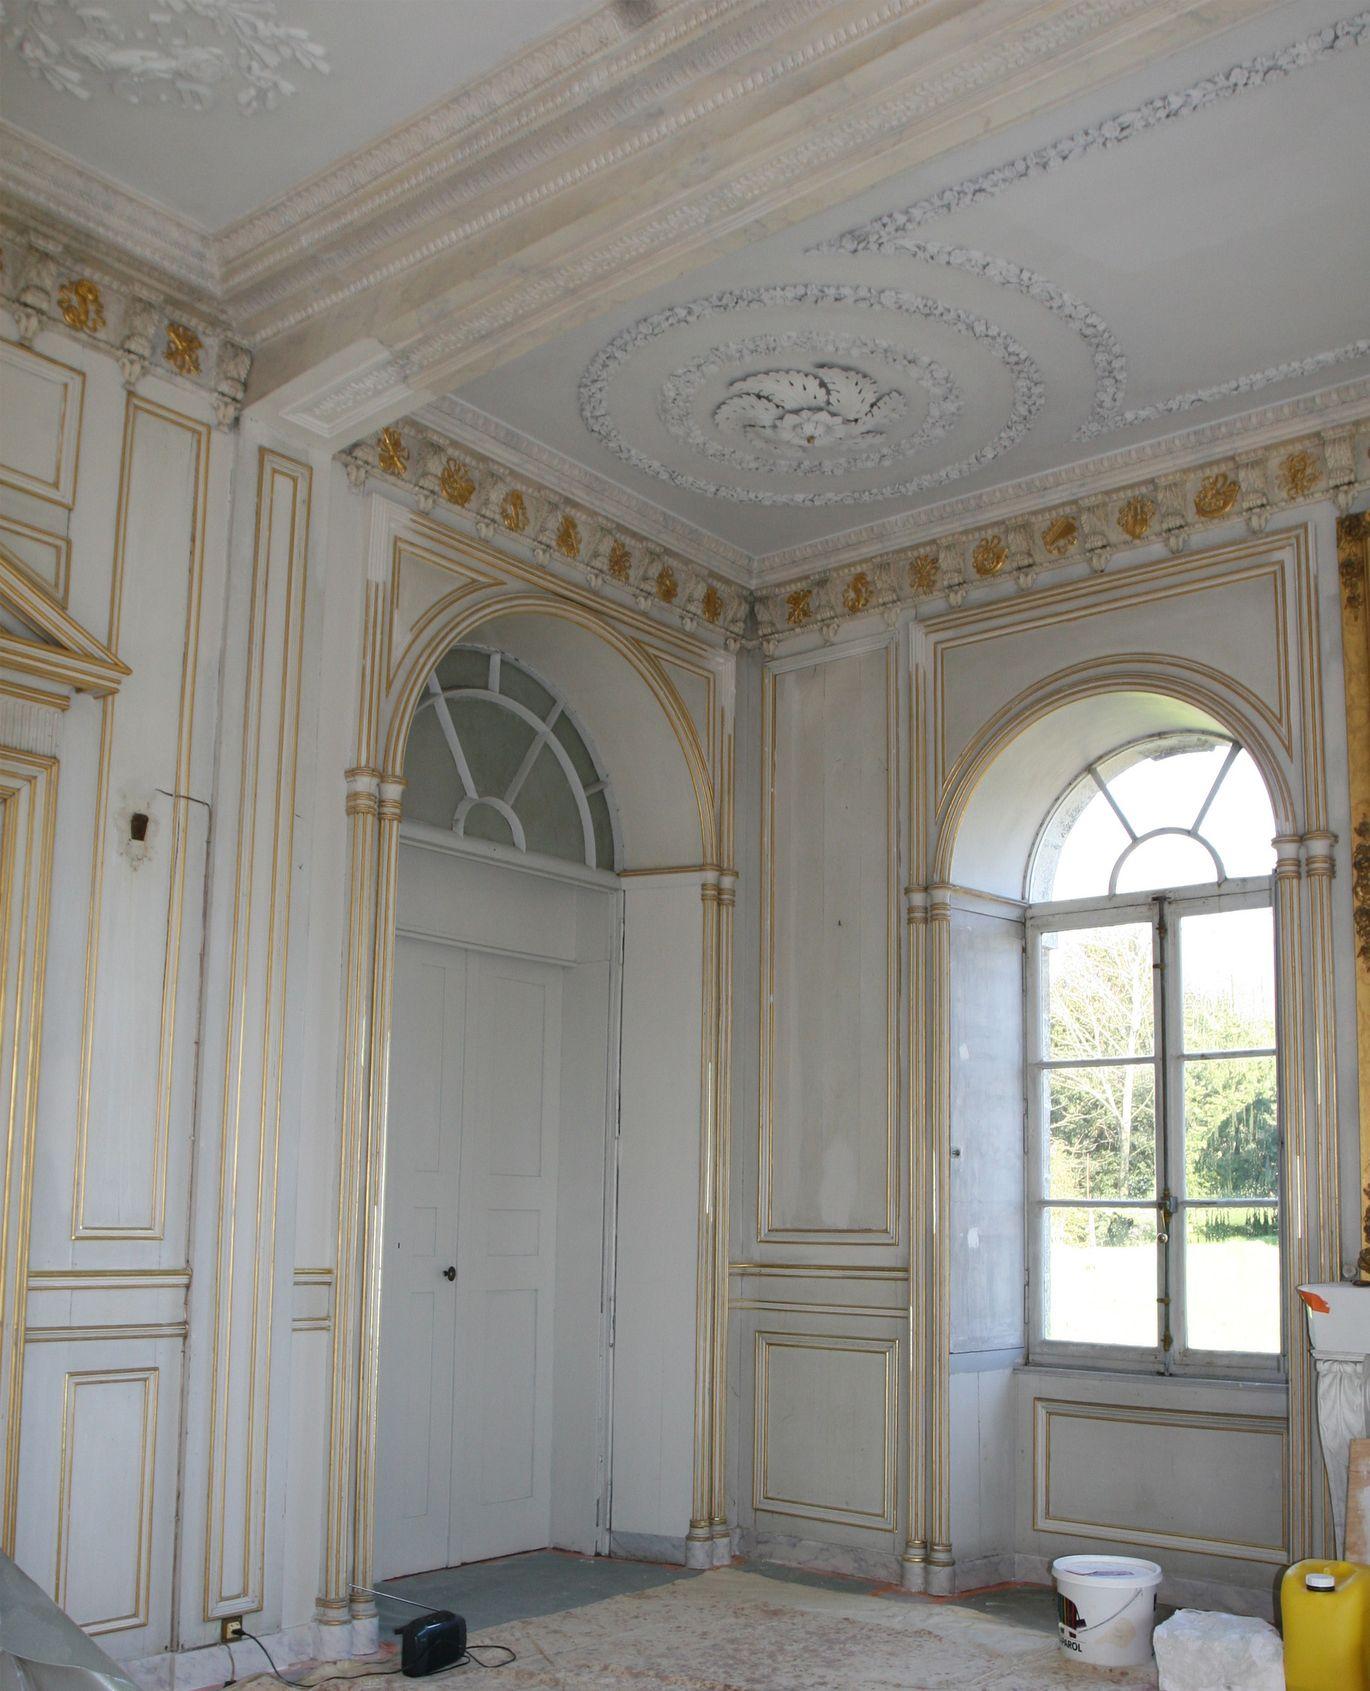 restauration faux marbre et dorure côtes d'armor_resultat